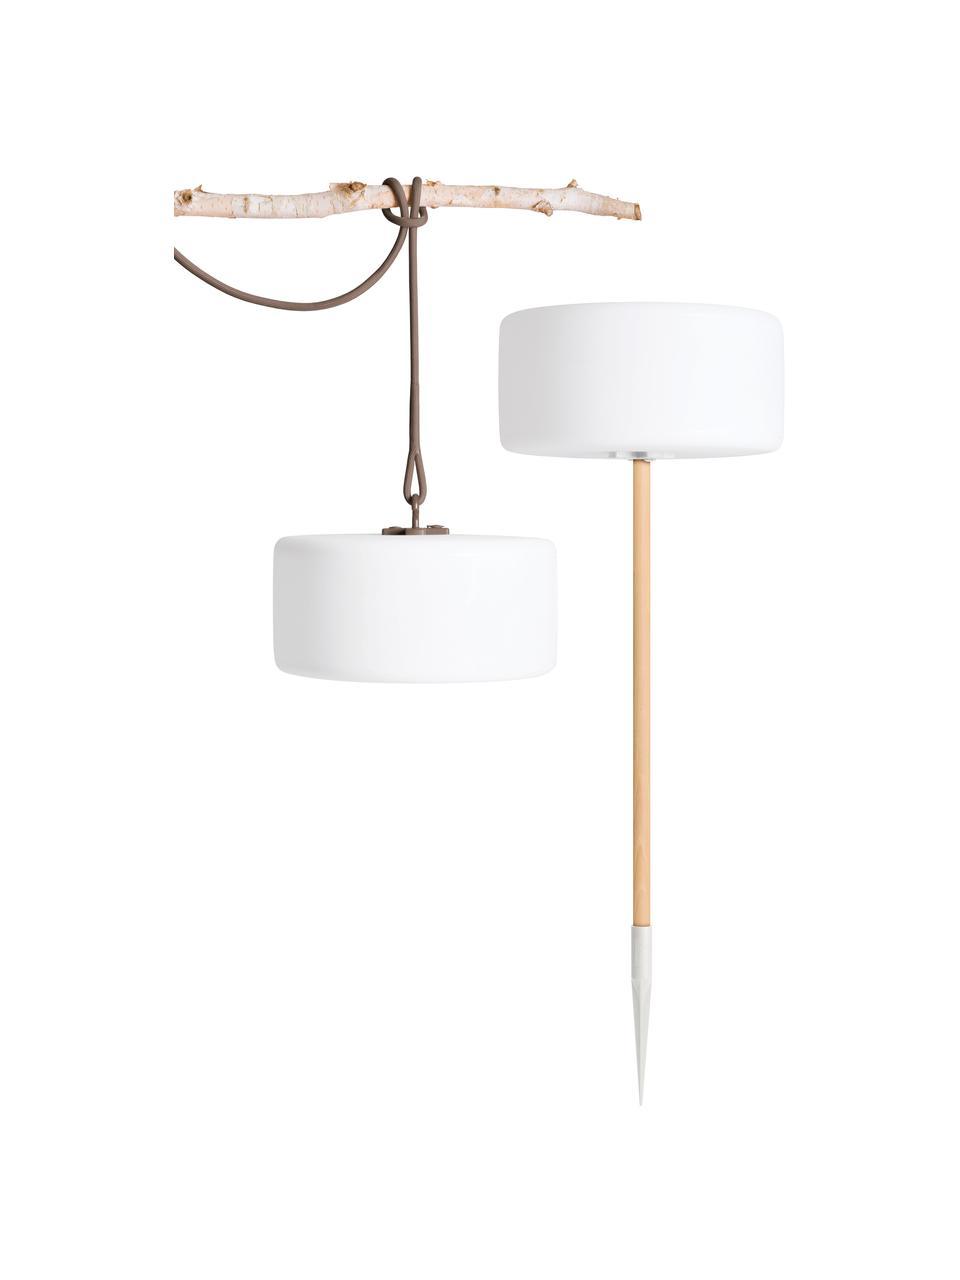 Mobile Außenleuchte Thierry zum Stecken oder Hängen, Lampenschirm: Kunststoff, Weiß, Taupe, Ø 41 x H 21 cm